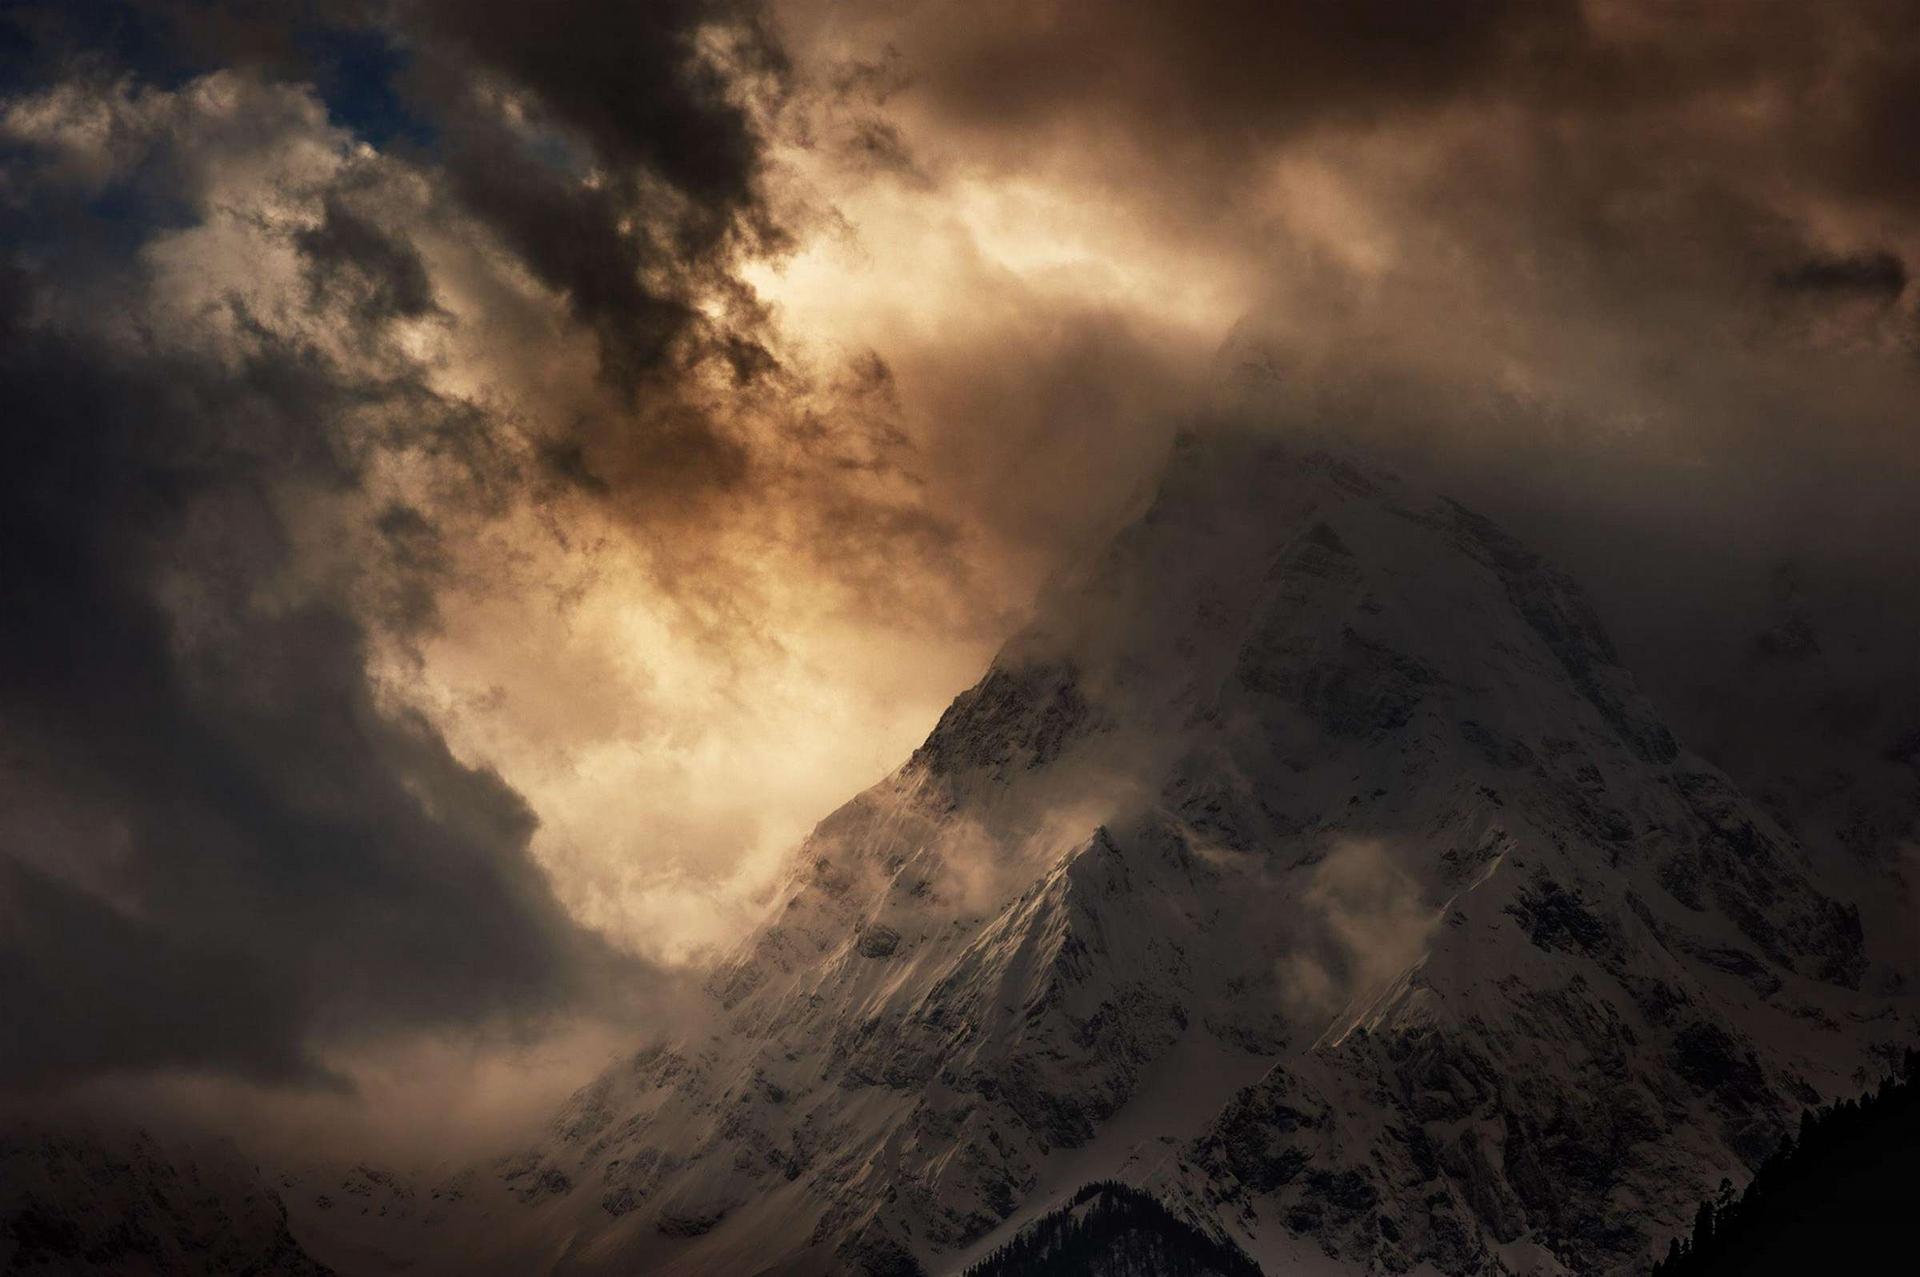 Photograph by StevenChou Zhou Zheng